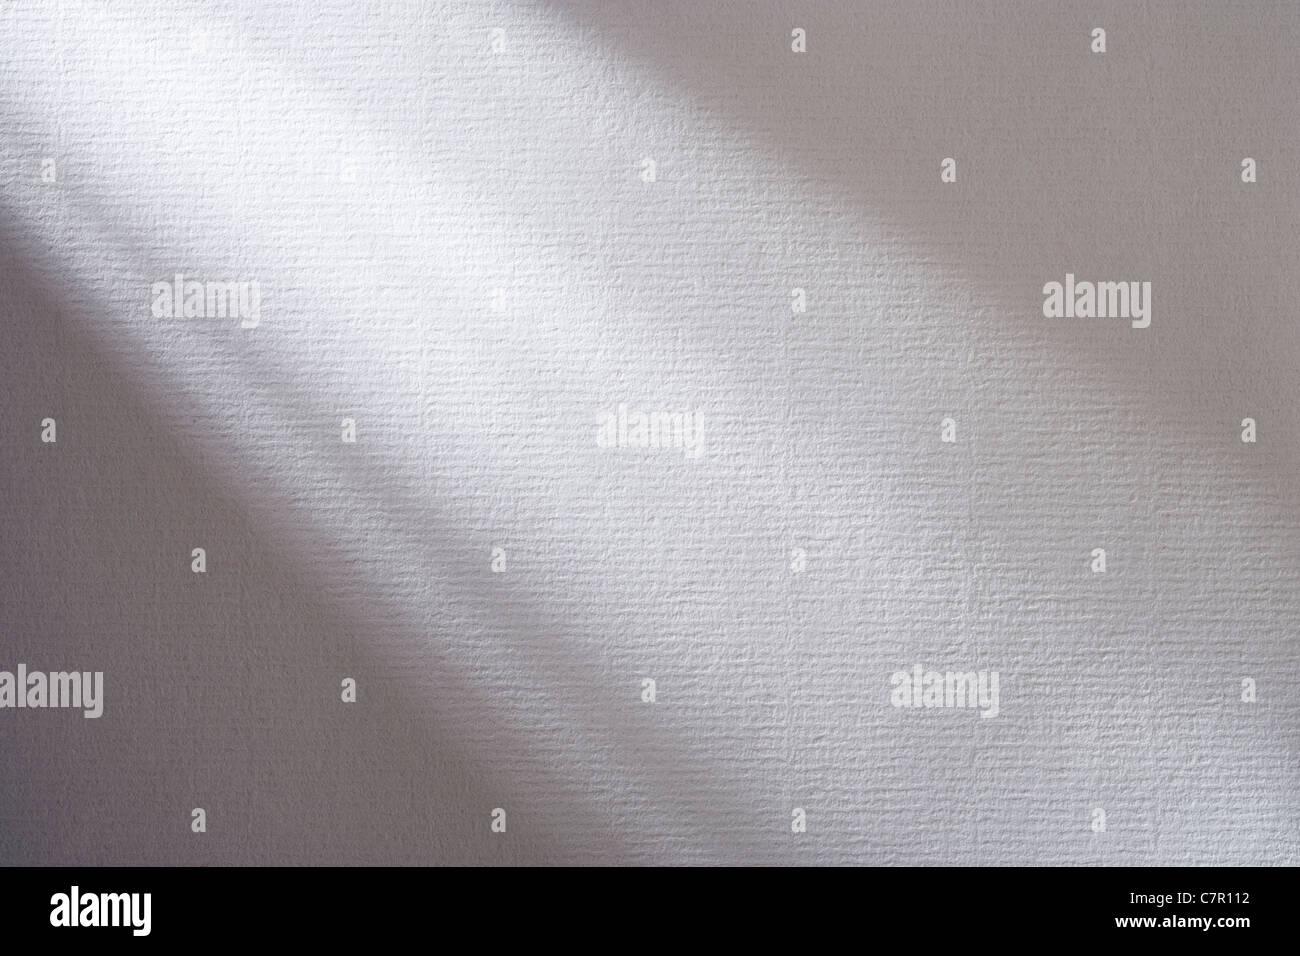 Sombras sobre papel blanco con textura. Imagen De Stock